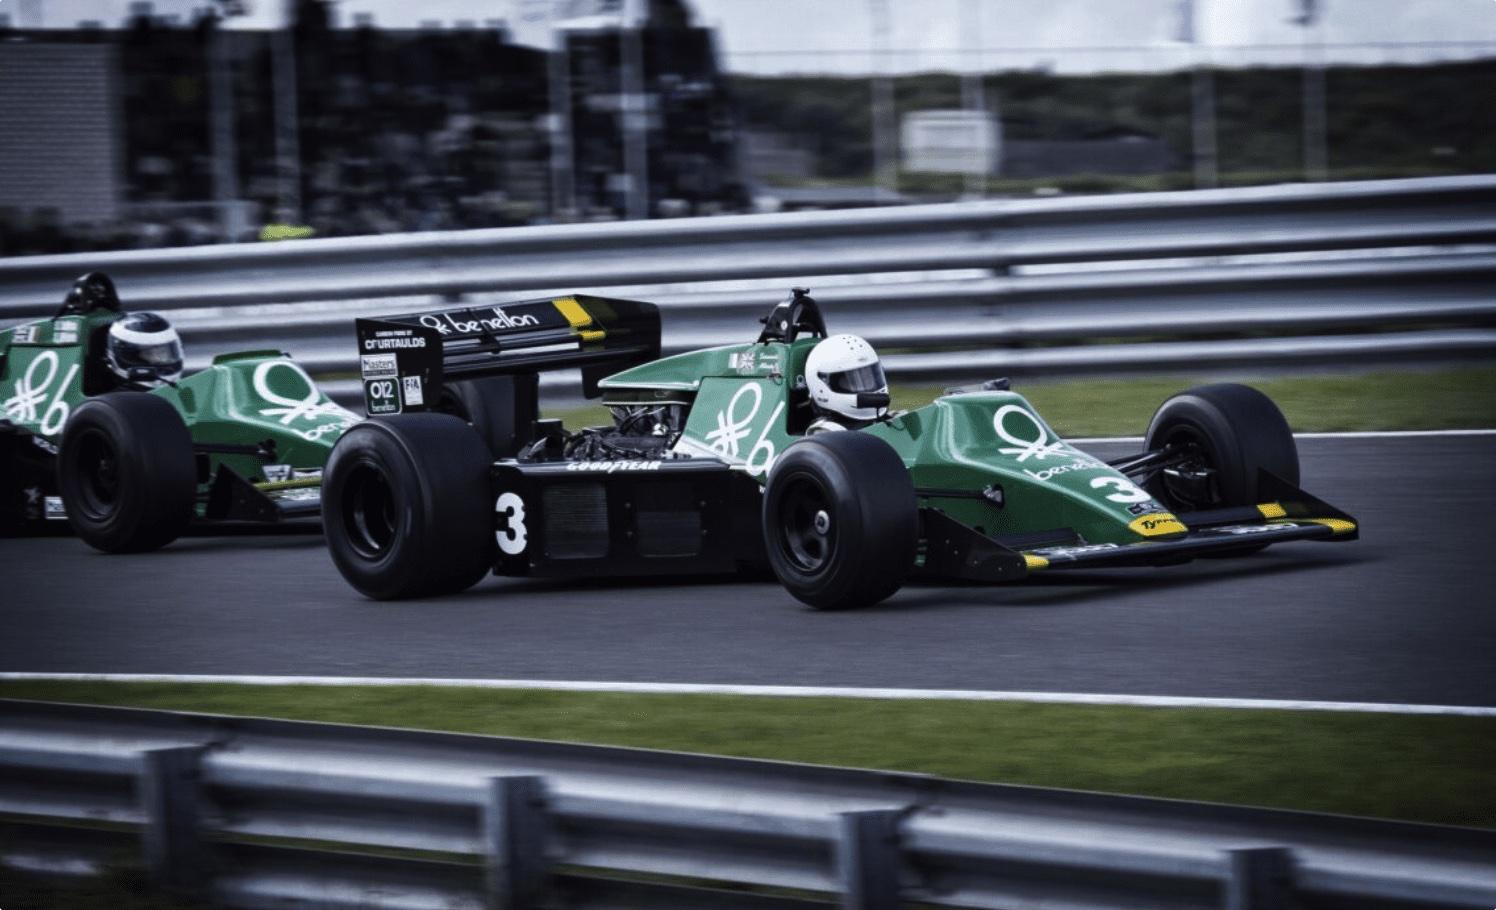 Pas que du football : la Formule 1 en compétition dans les casinos en ligne